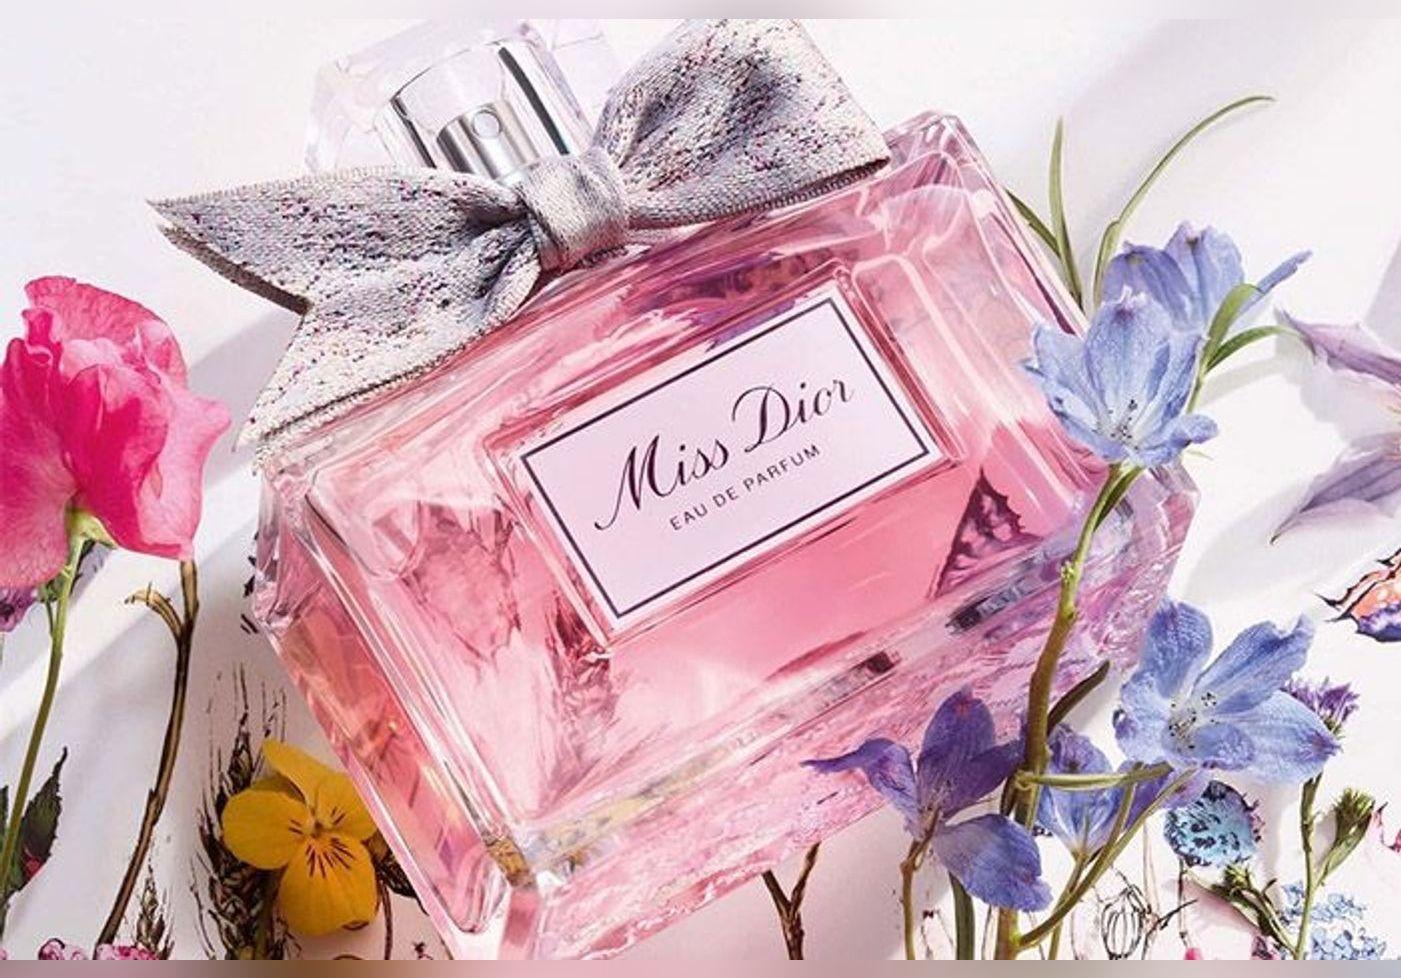 Le nouveau parfum Miss Dior est sous le signe de l'amour et de la rose